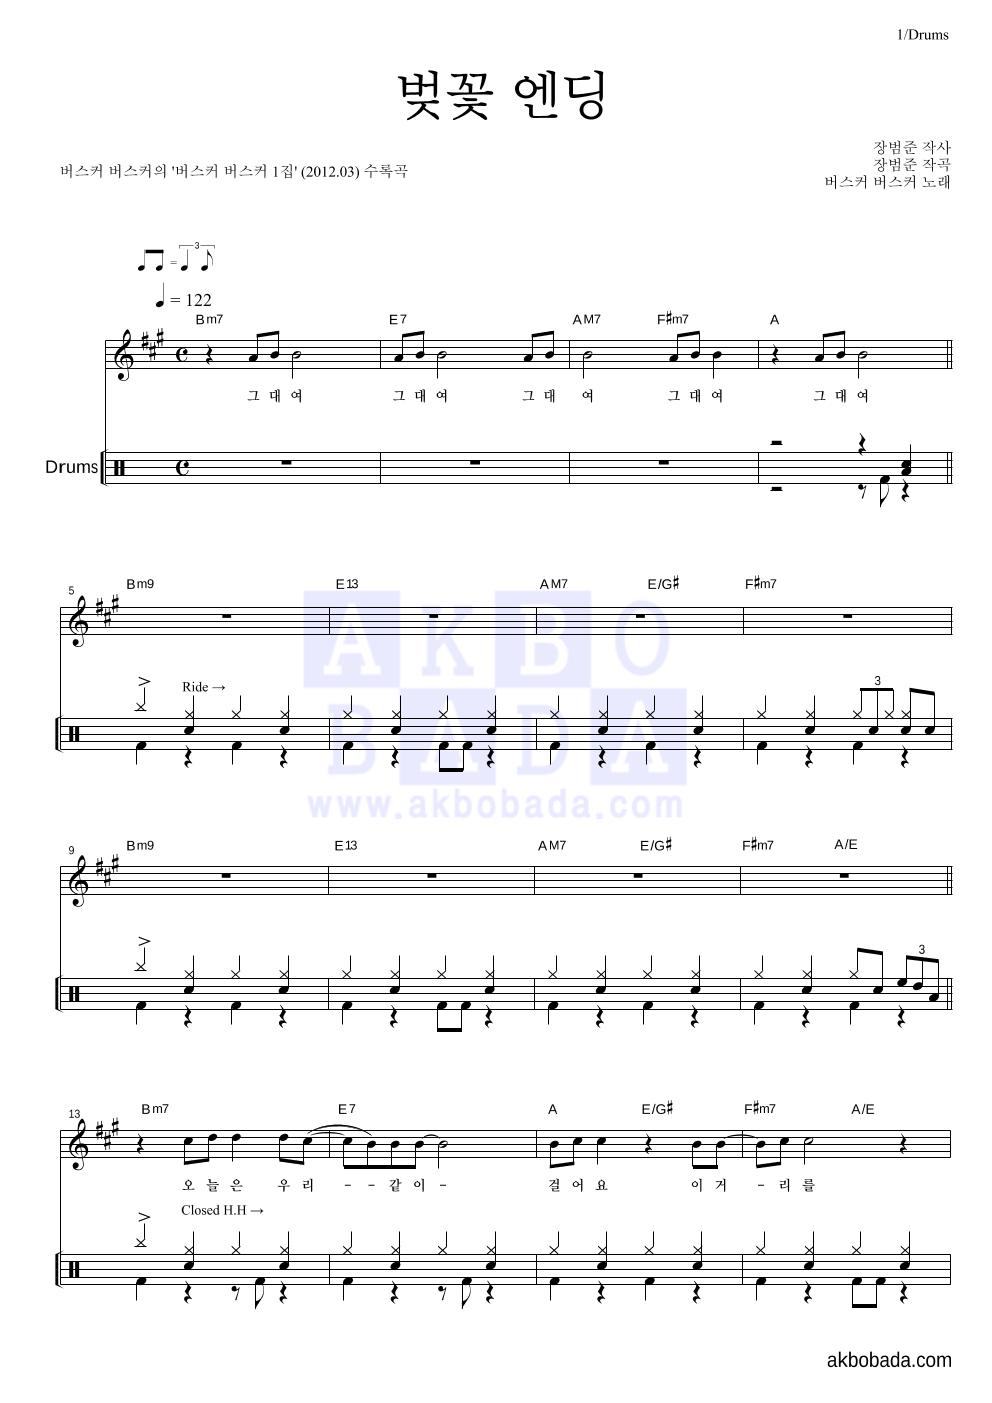 버스커 버스커 - 벚꽃 엔딩 드럼 악보